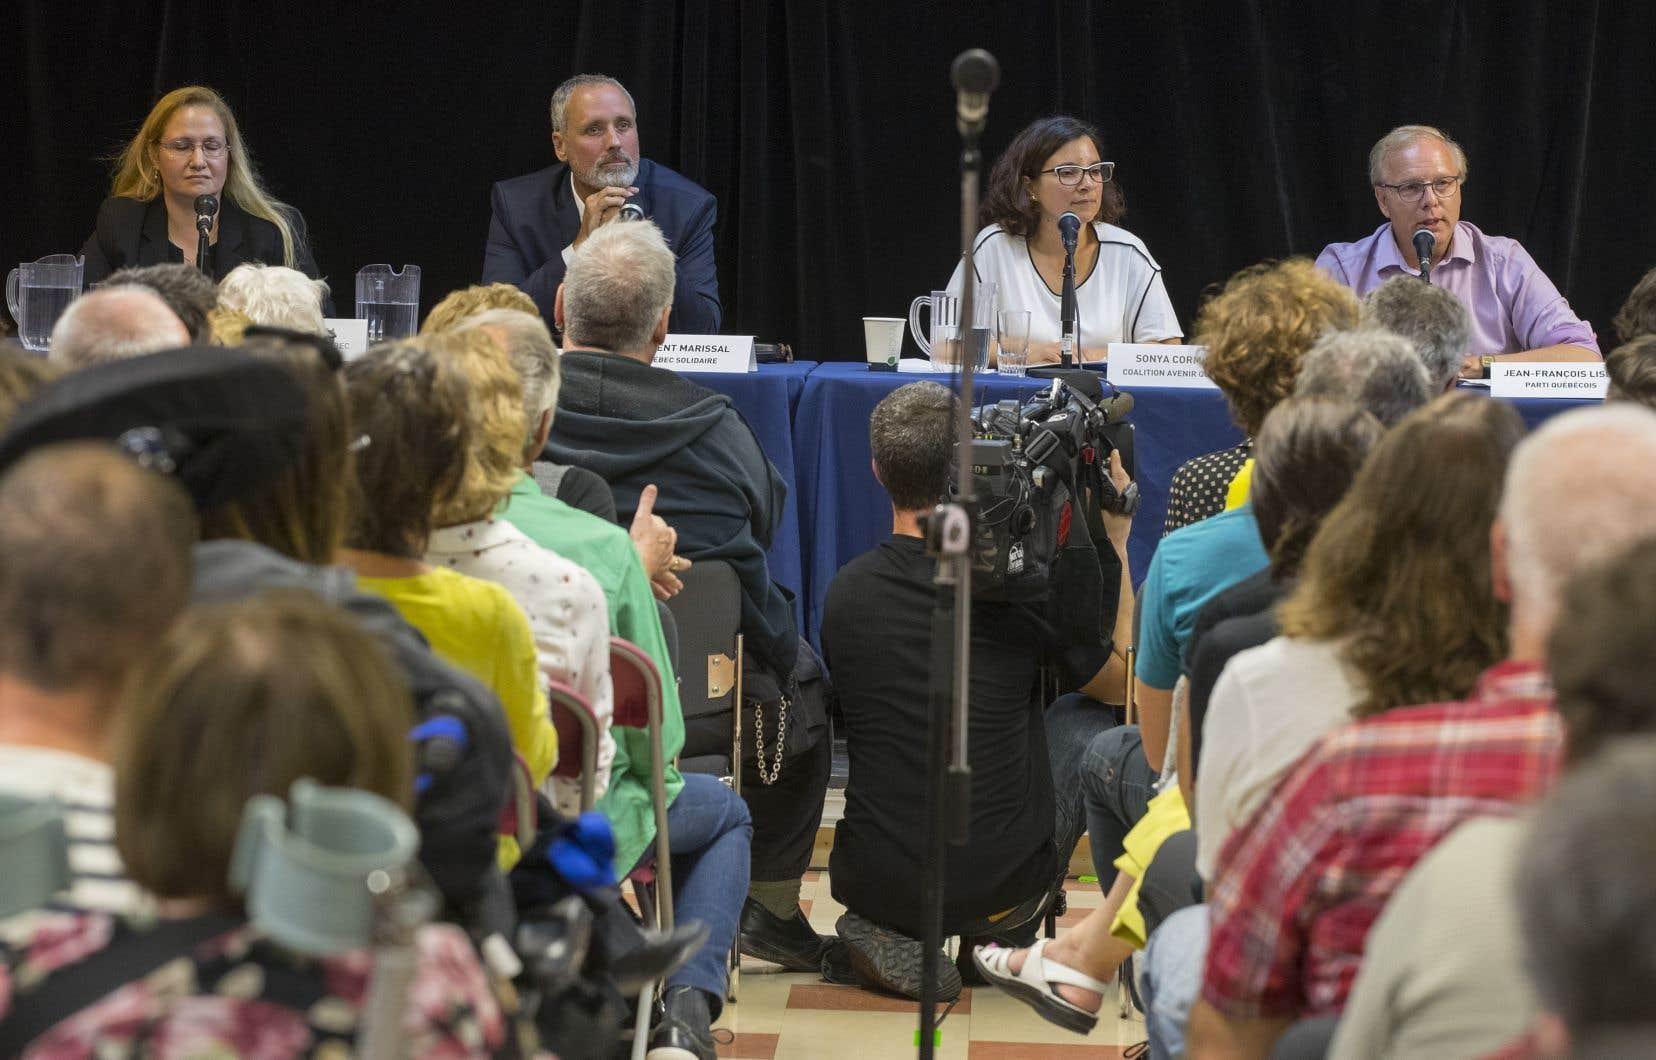 De gauche à droite: Agata La Rosa (PLQ), Vincent Marissal (QS) Sonya Cormier (CAQ) et Jean-François Lisée (PQ)